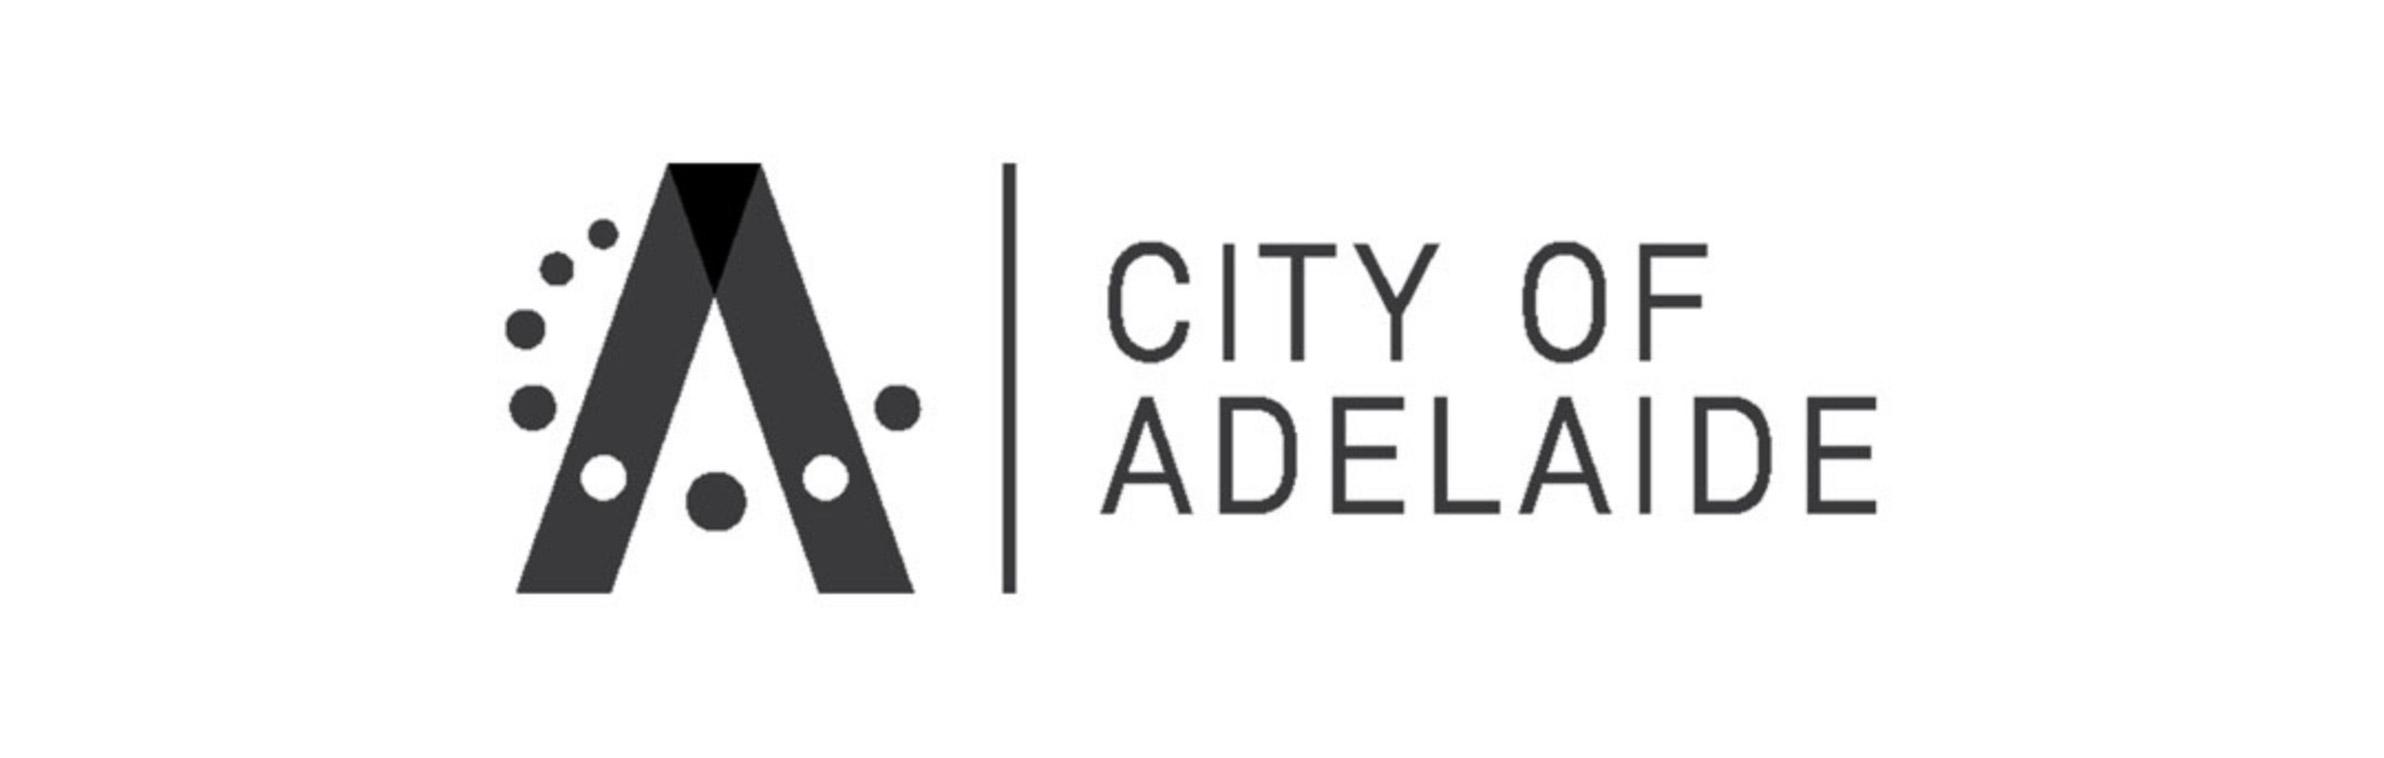 City Of Adelade Cropped Logo